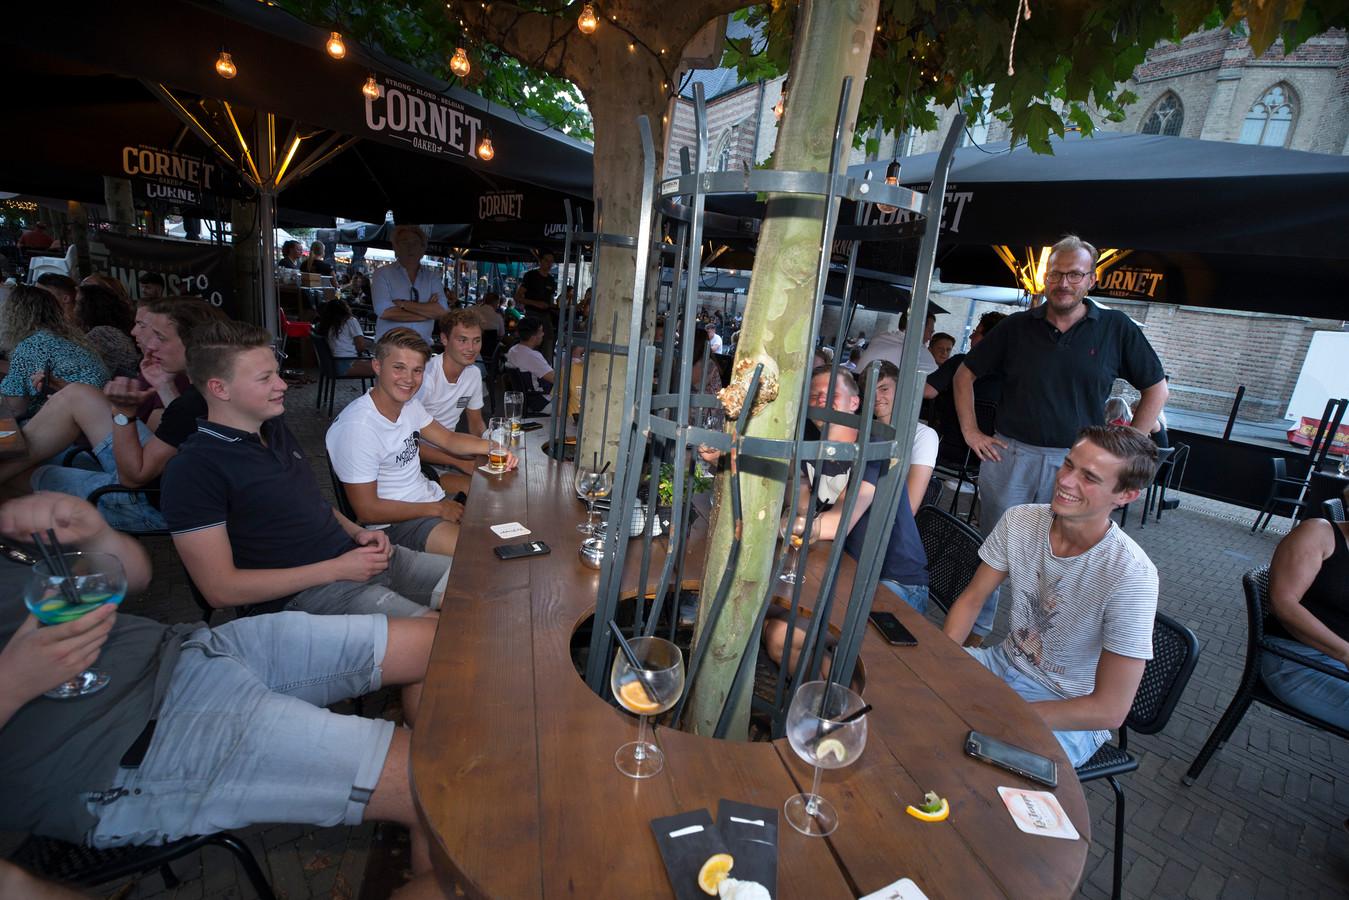 Burgemeester Mark Boumans bij de tafel op het terras van Simons met de vriendengroep uit Avenhorn. Foto's: Theo Kock